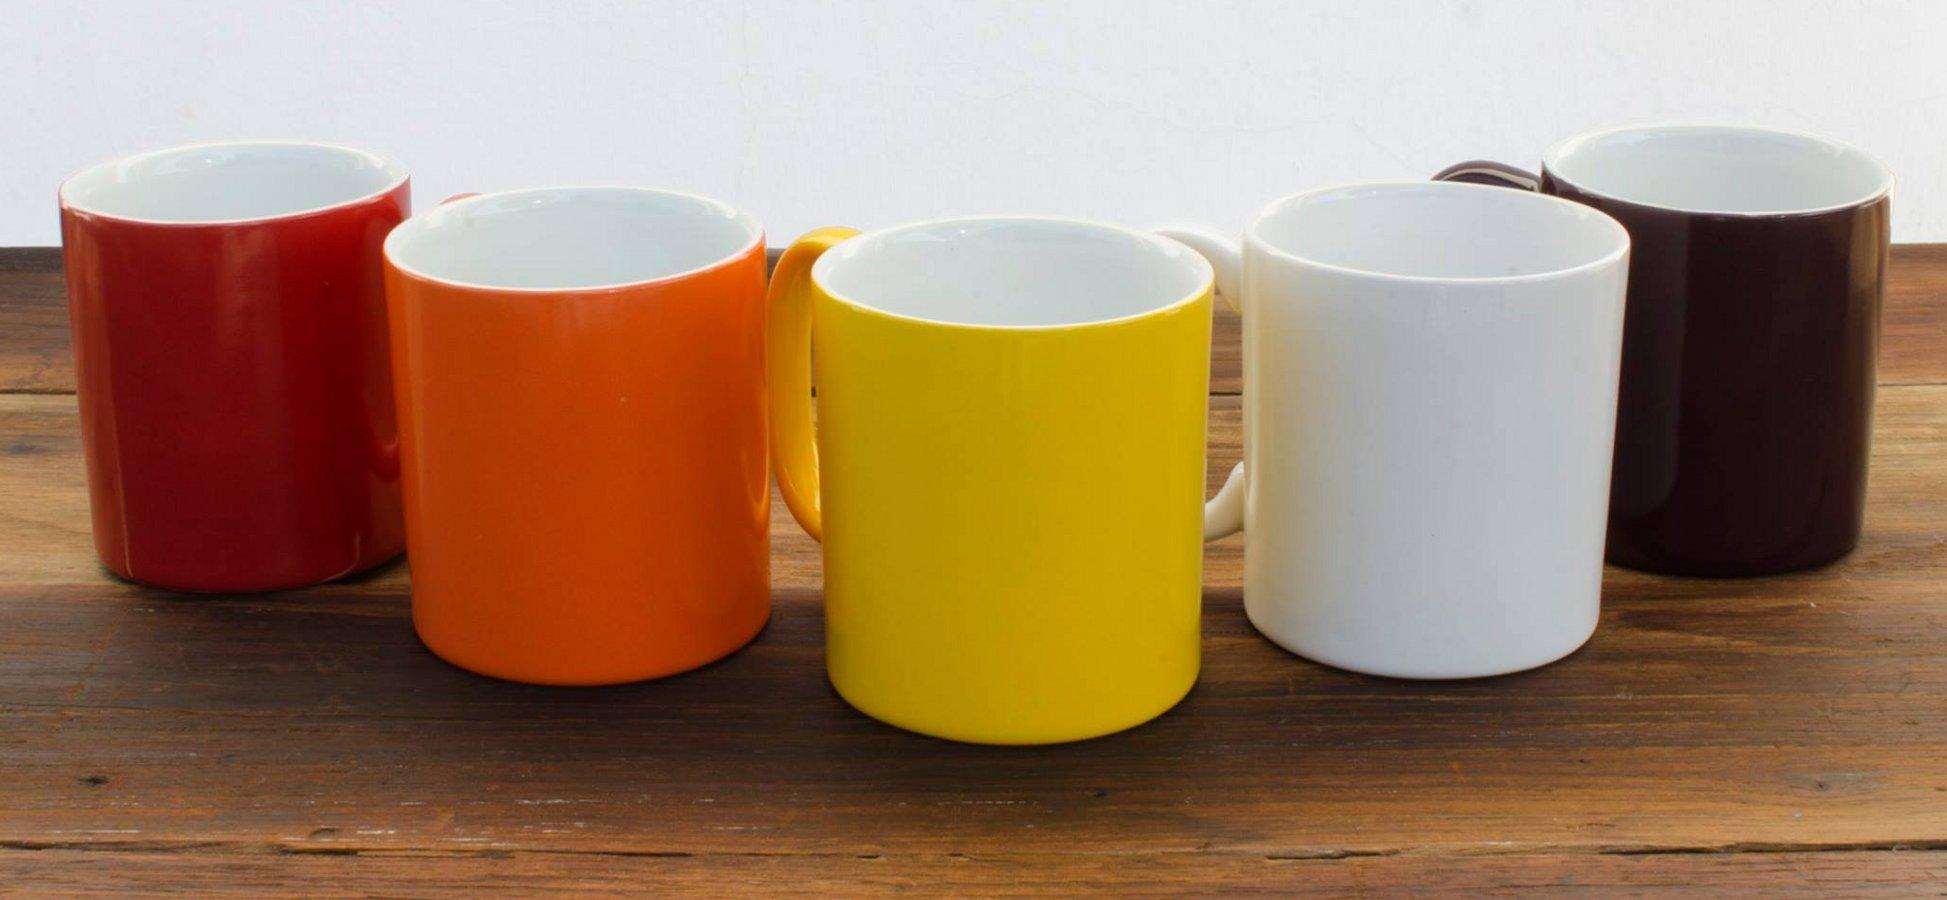 Новинки керамической посуды от Ceraflame 2014 года. Кружки с вместительностью 300 мл